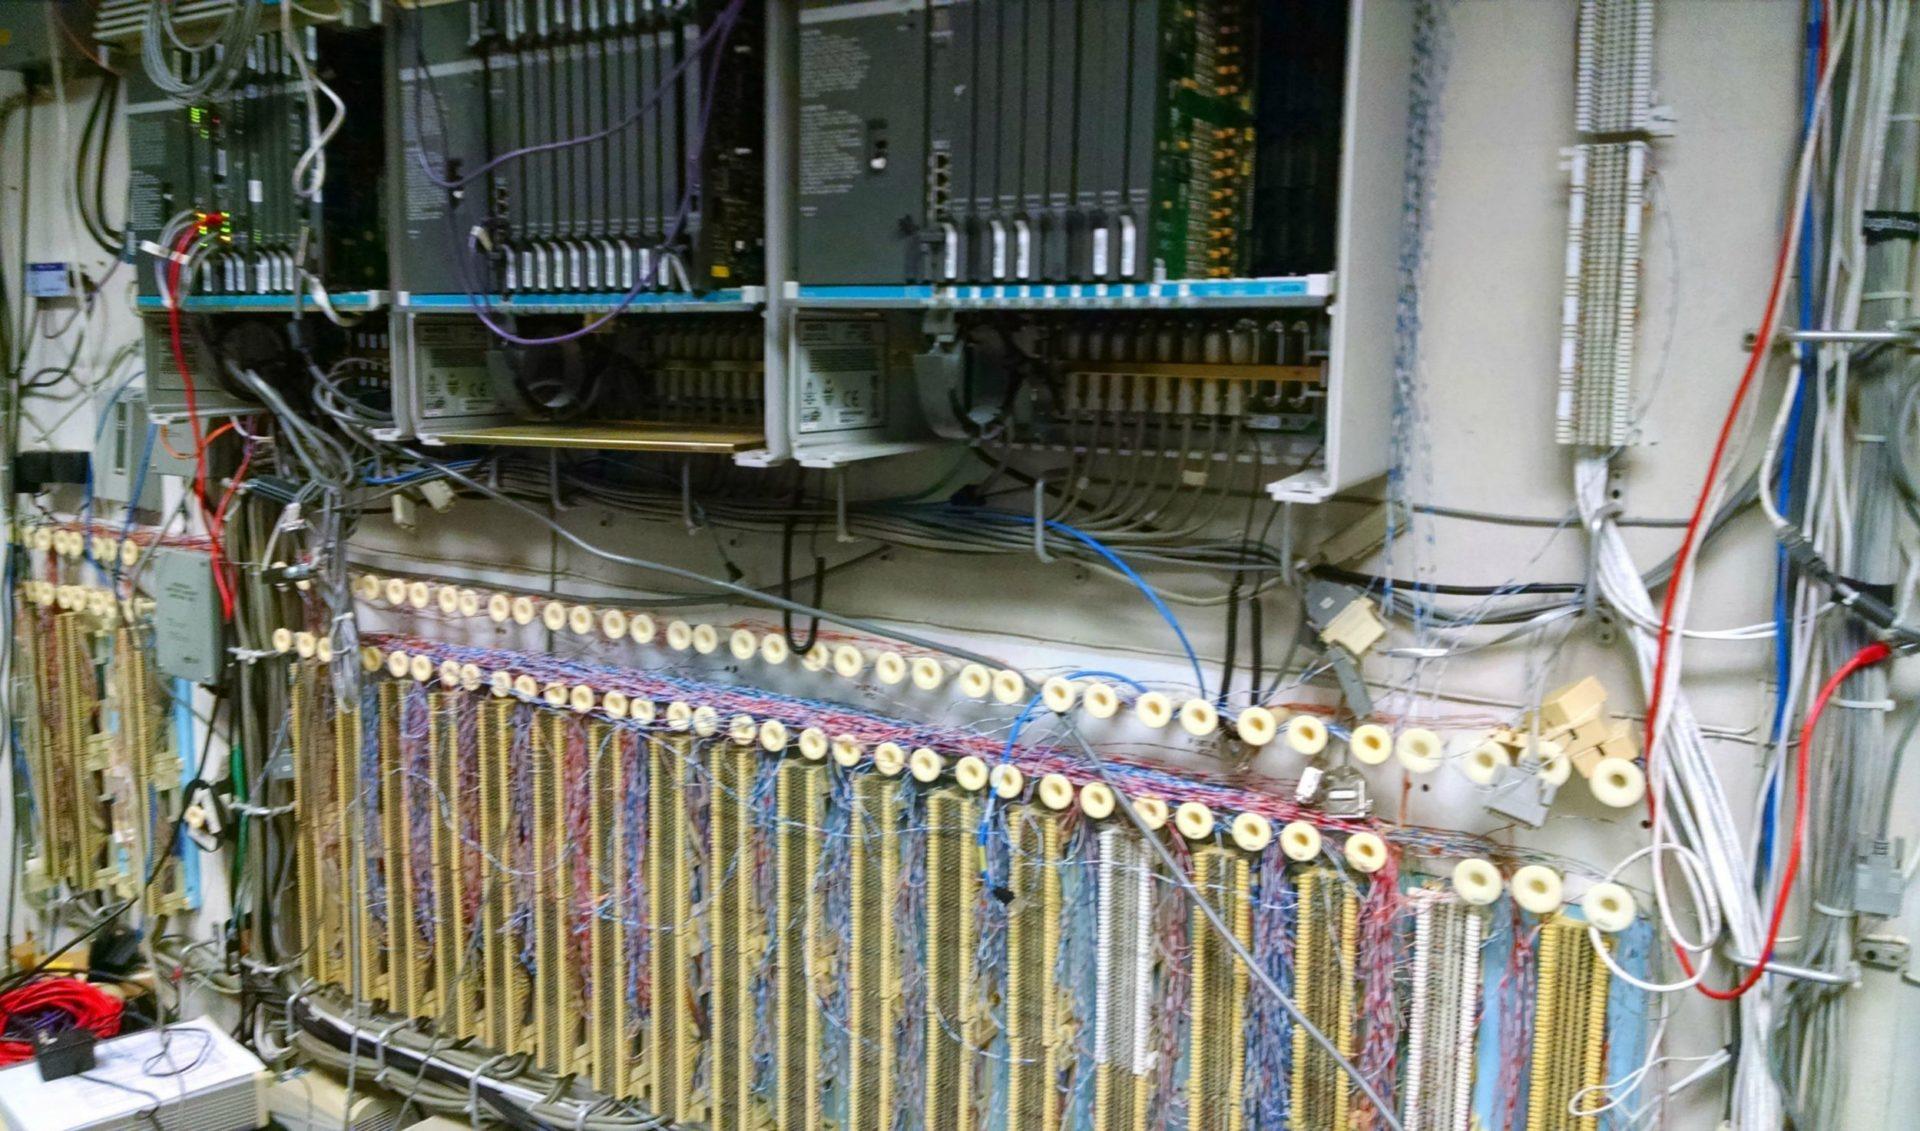 Eski tip analog telefon sistemi görüntüsü